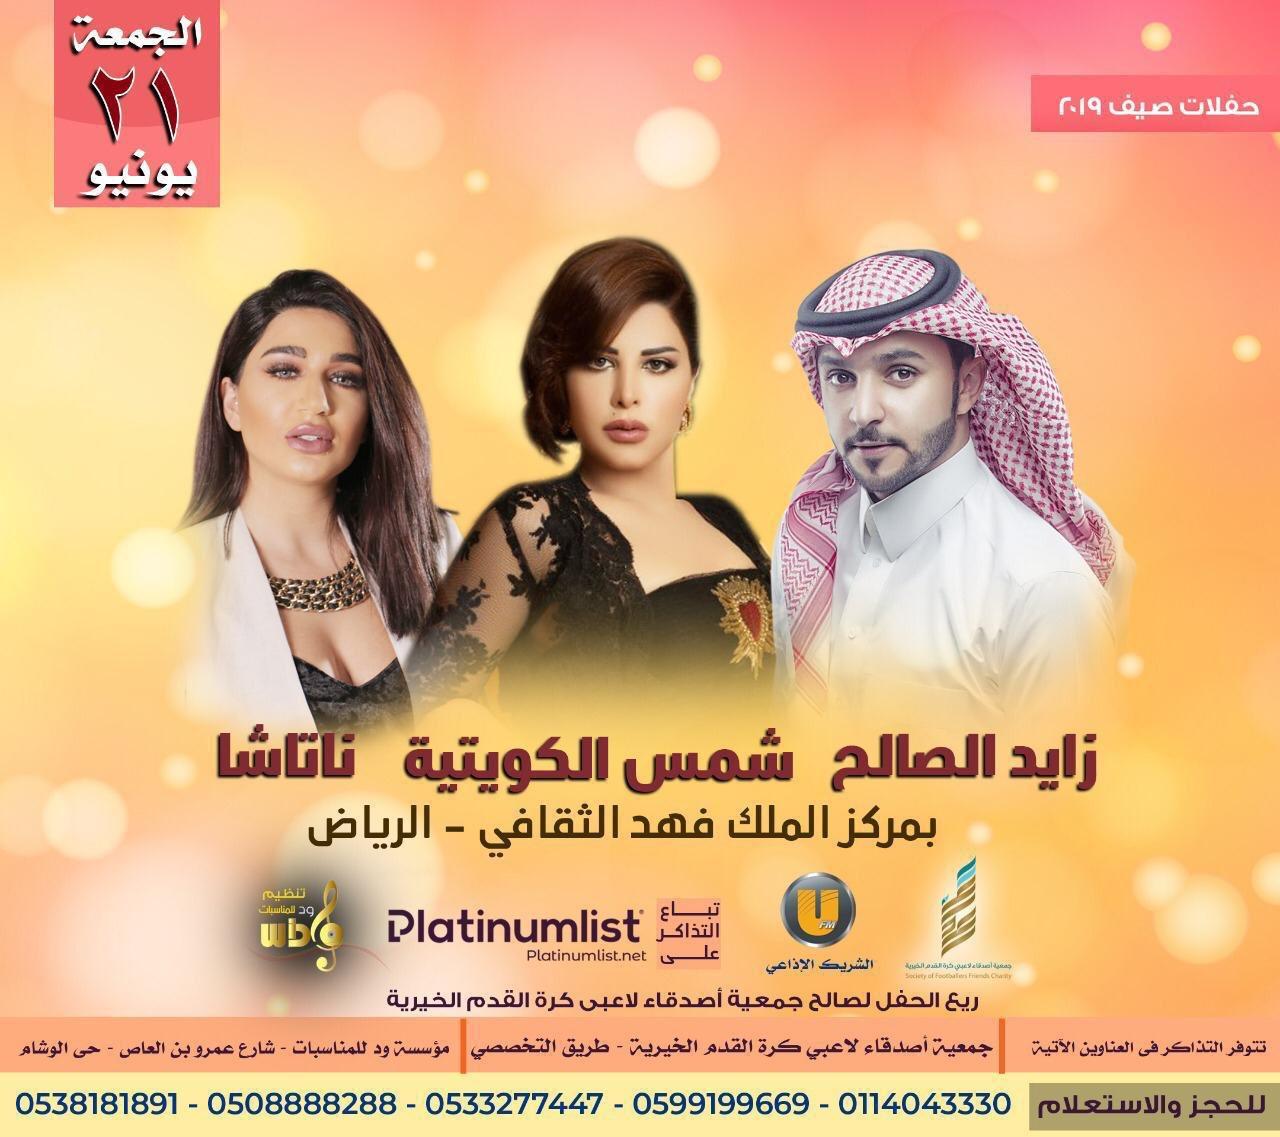 إعلان حفل شمس الكويتية في المملكة العربية السعودية